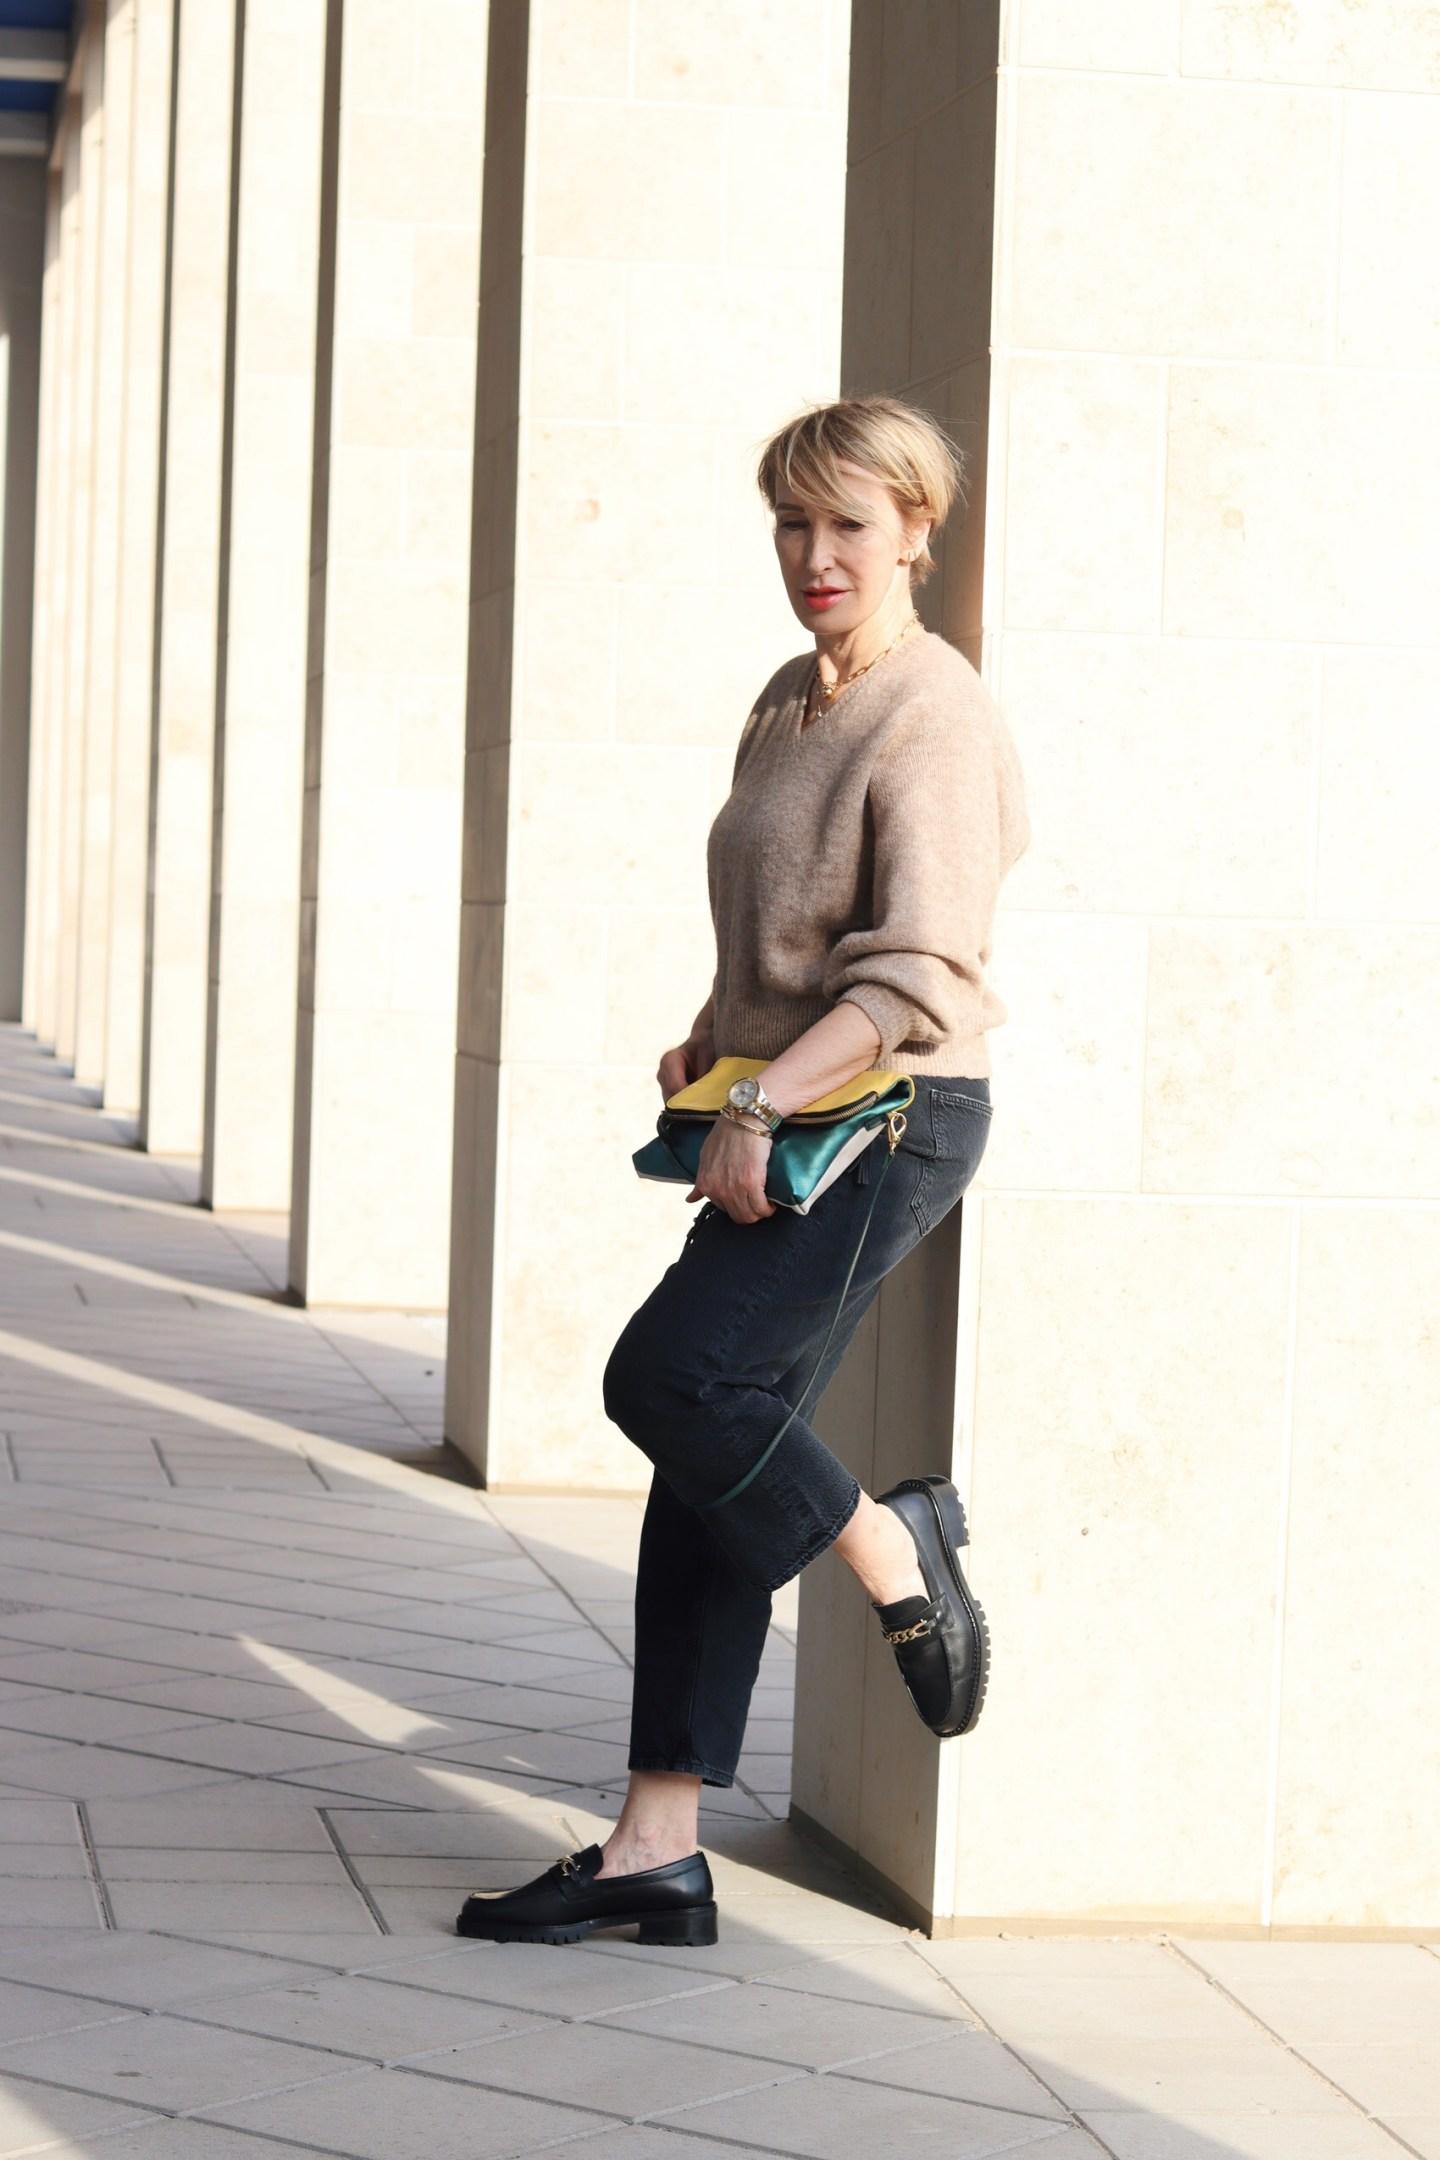 Loafers Schuhtrend - der perfekte Schuh für den Frühling bei Glamupyourlifesyle Ü40 Ü50 Blog